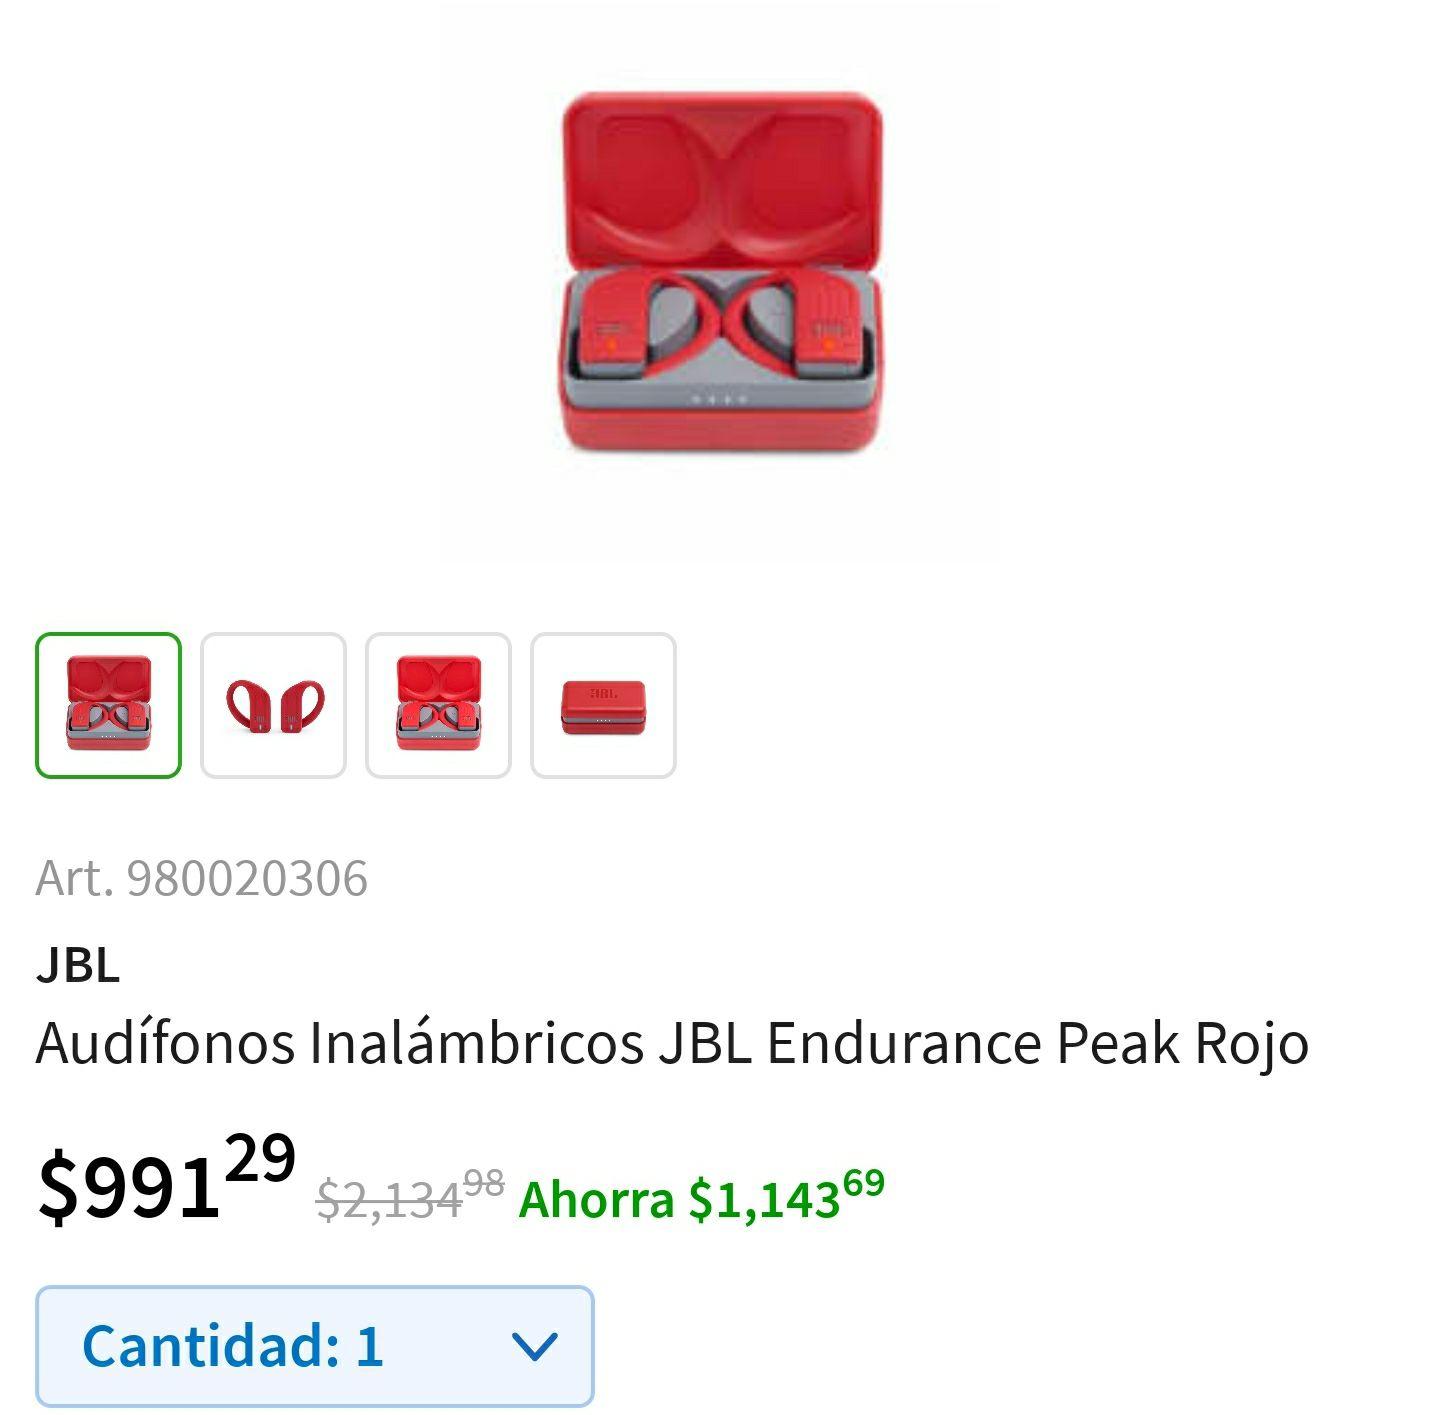 Sams León López Mateos: Audífonos Inalámbricos JBL Endurance Peak Rojo